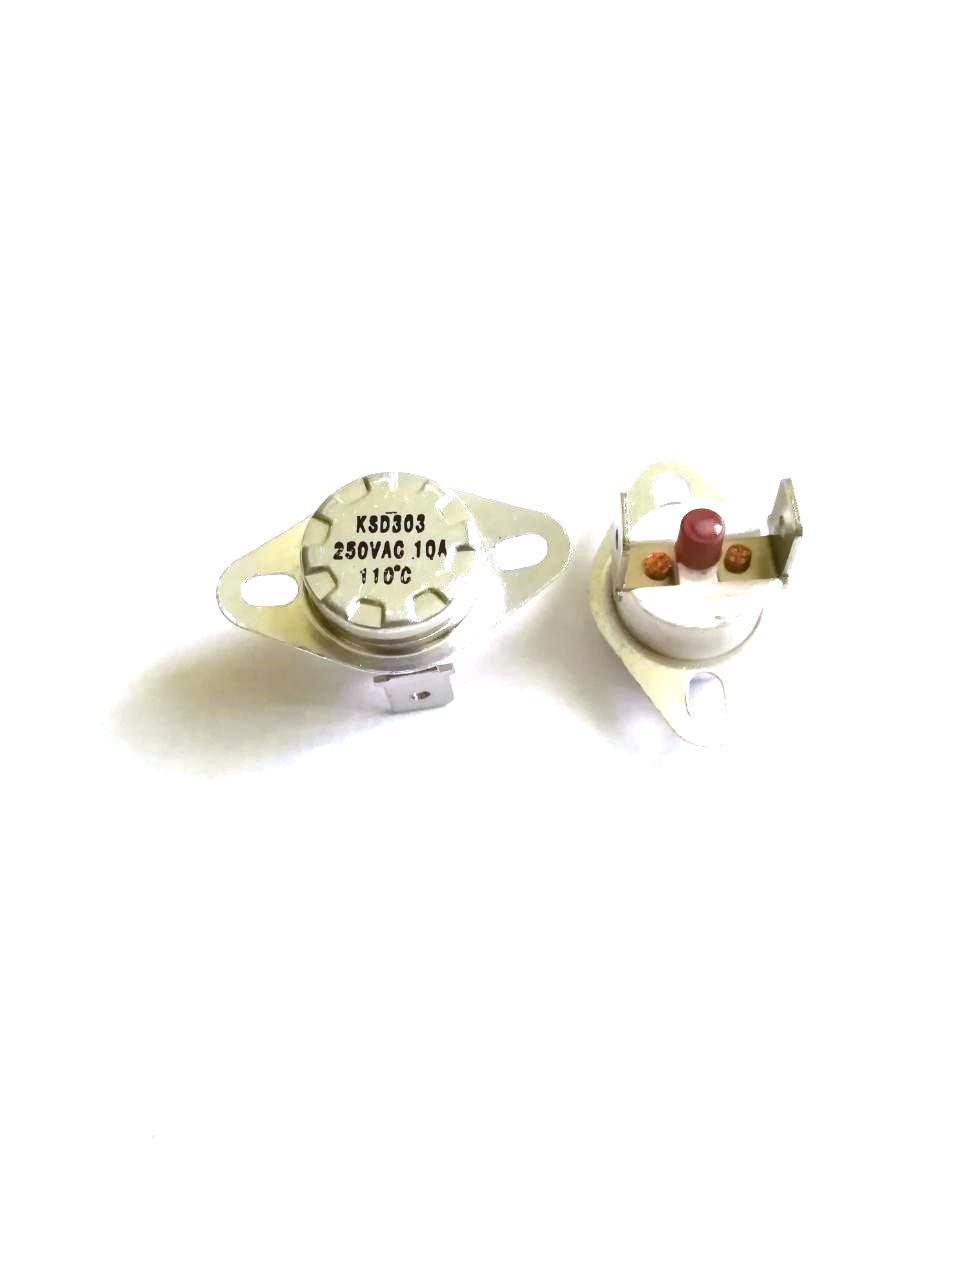 Термоотсекатель KSD303 аварийный / 250V / 10A / на 110°